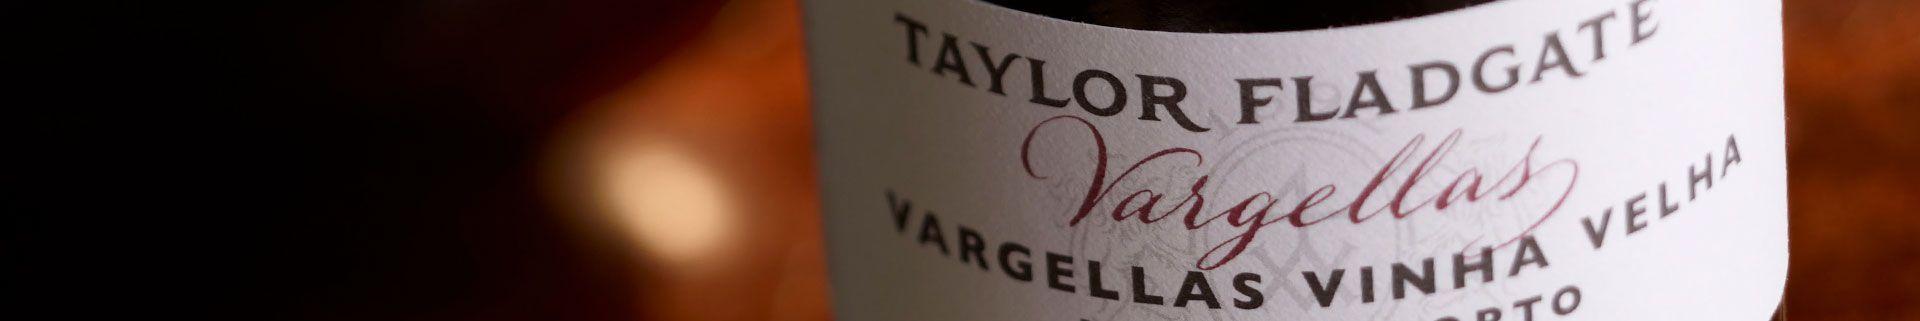 Vargellas Vinha Velha Vintage Port Wine - Taylor Fladgate